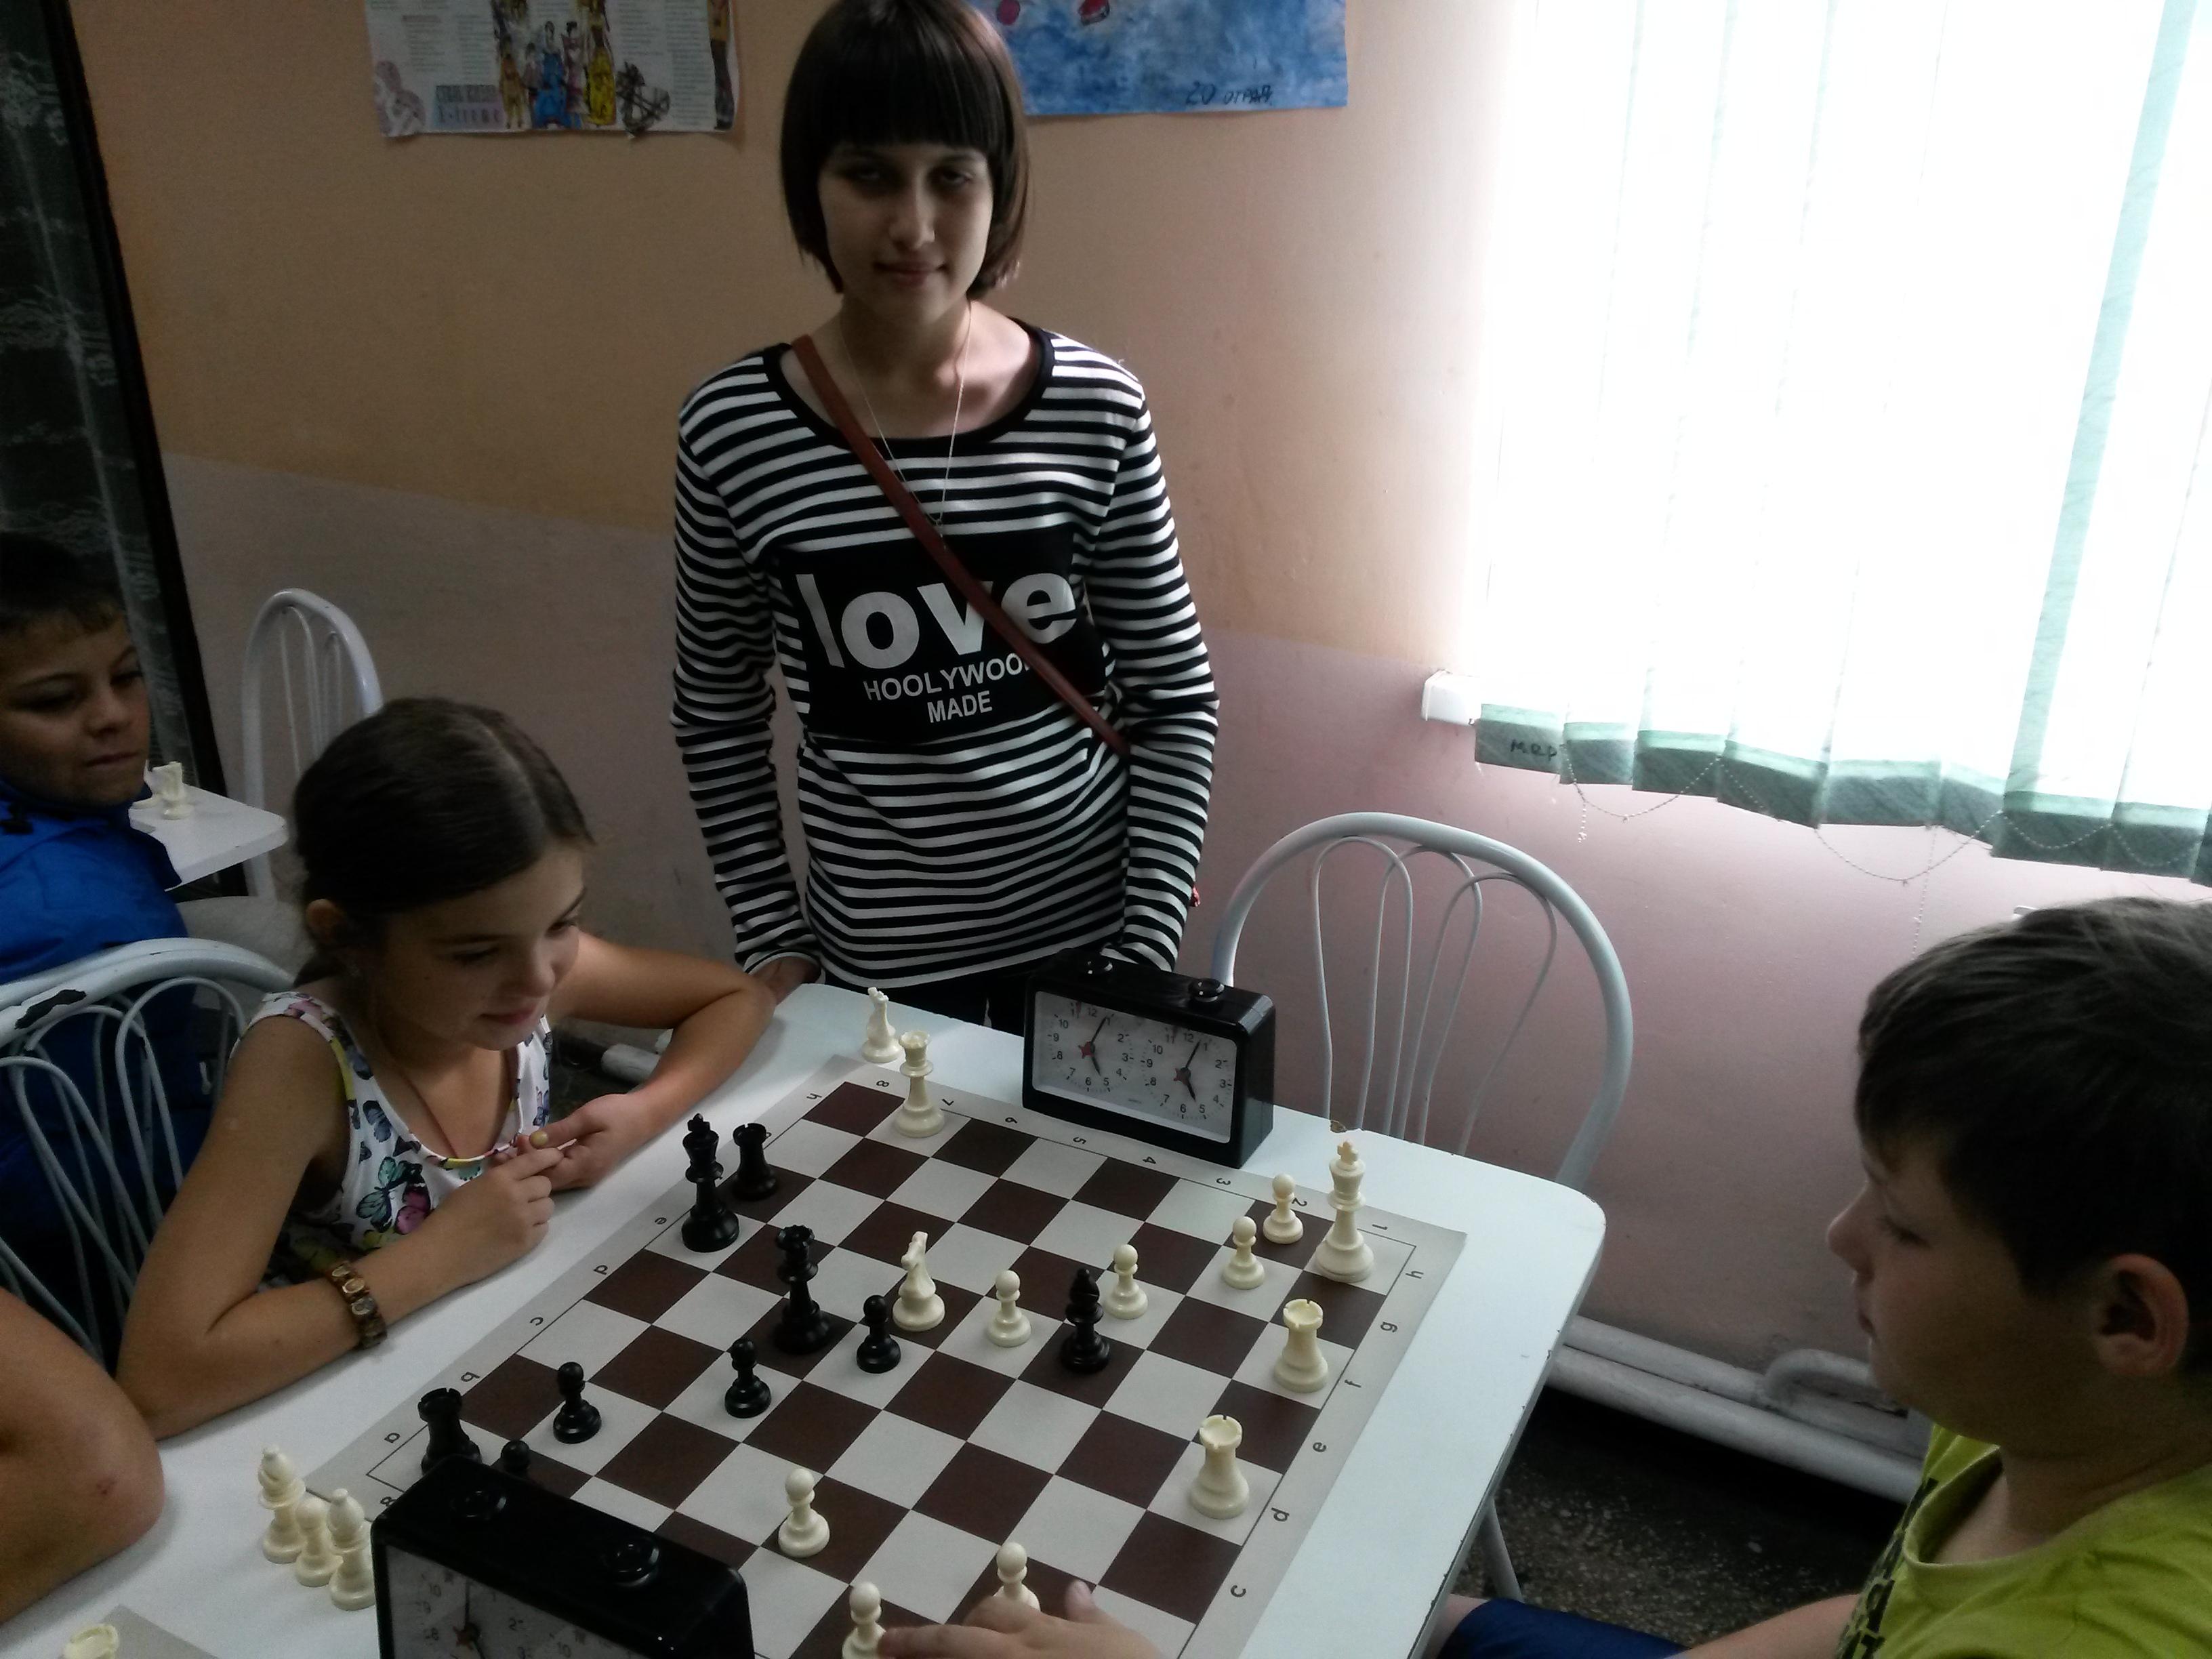 Девочки Варвара Есина(слева) и Ольга Бахман показали достойный результат!